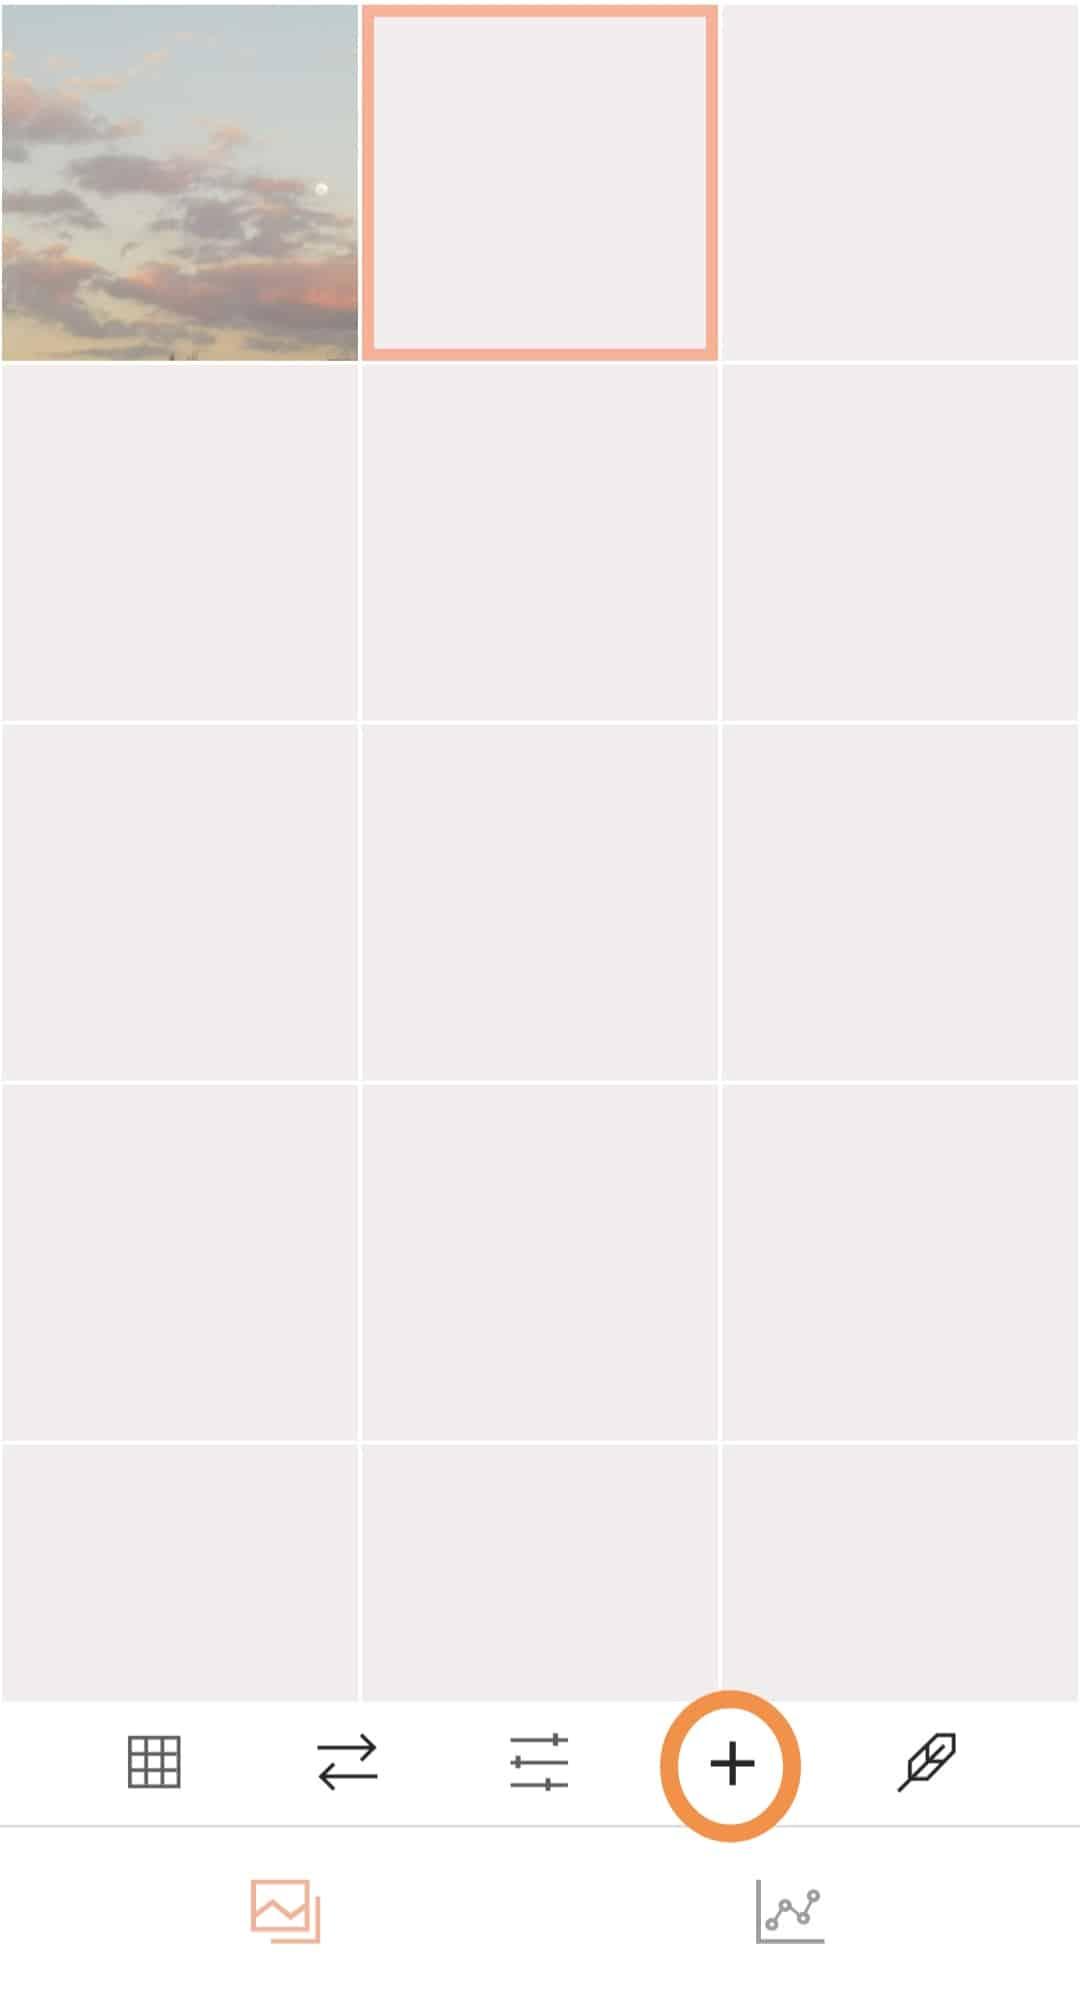 Aplicativo para organizar o feed do Instagram